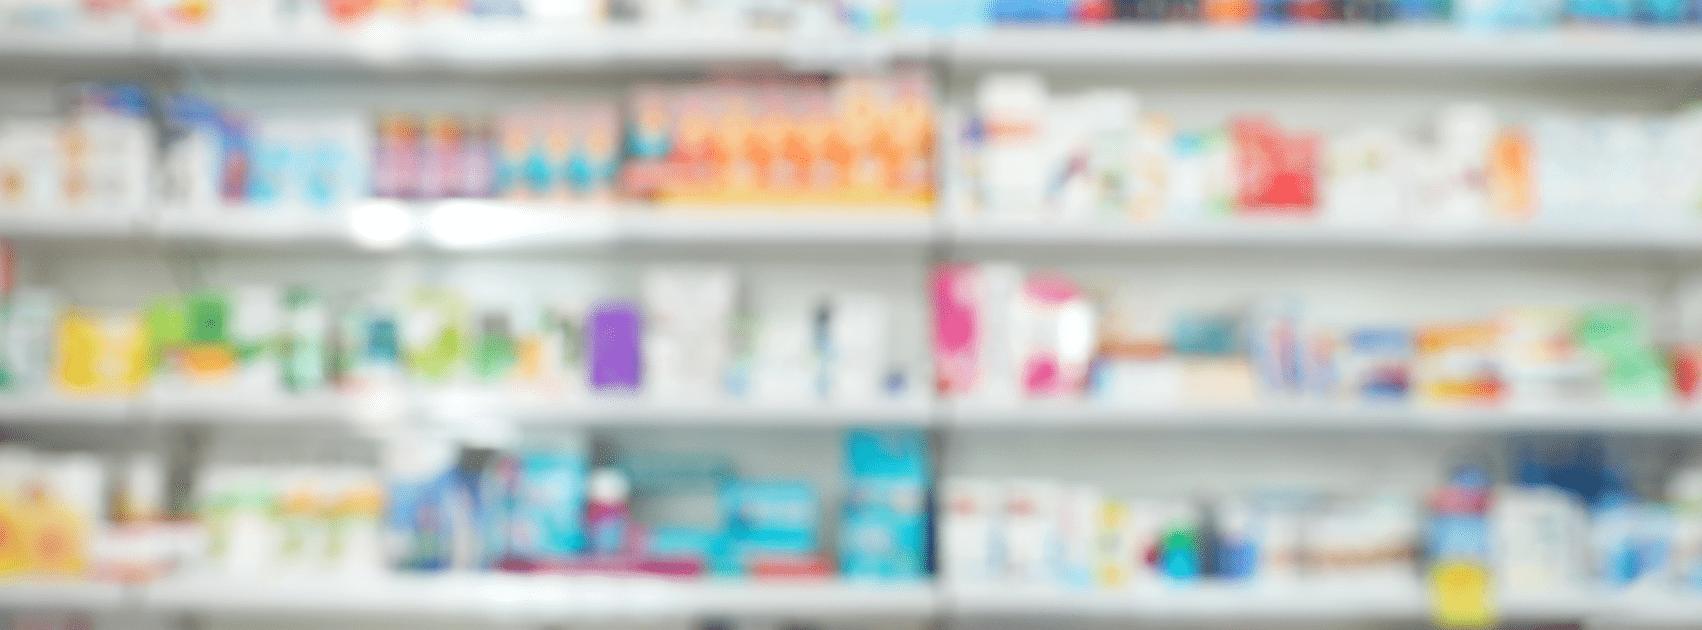 Таргетована SMS-розсилка: досвід мережі «Аптека низьких цін» | Kyivstar Business Hub зображення №1